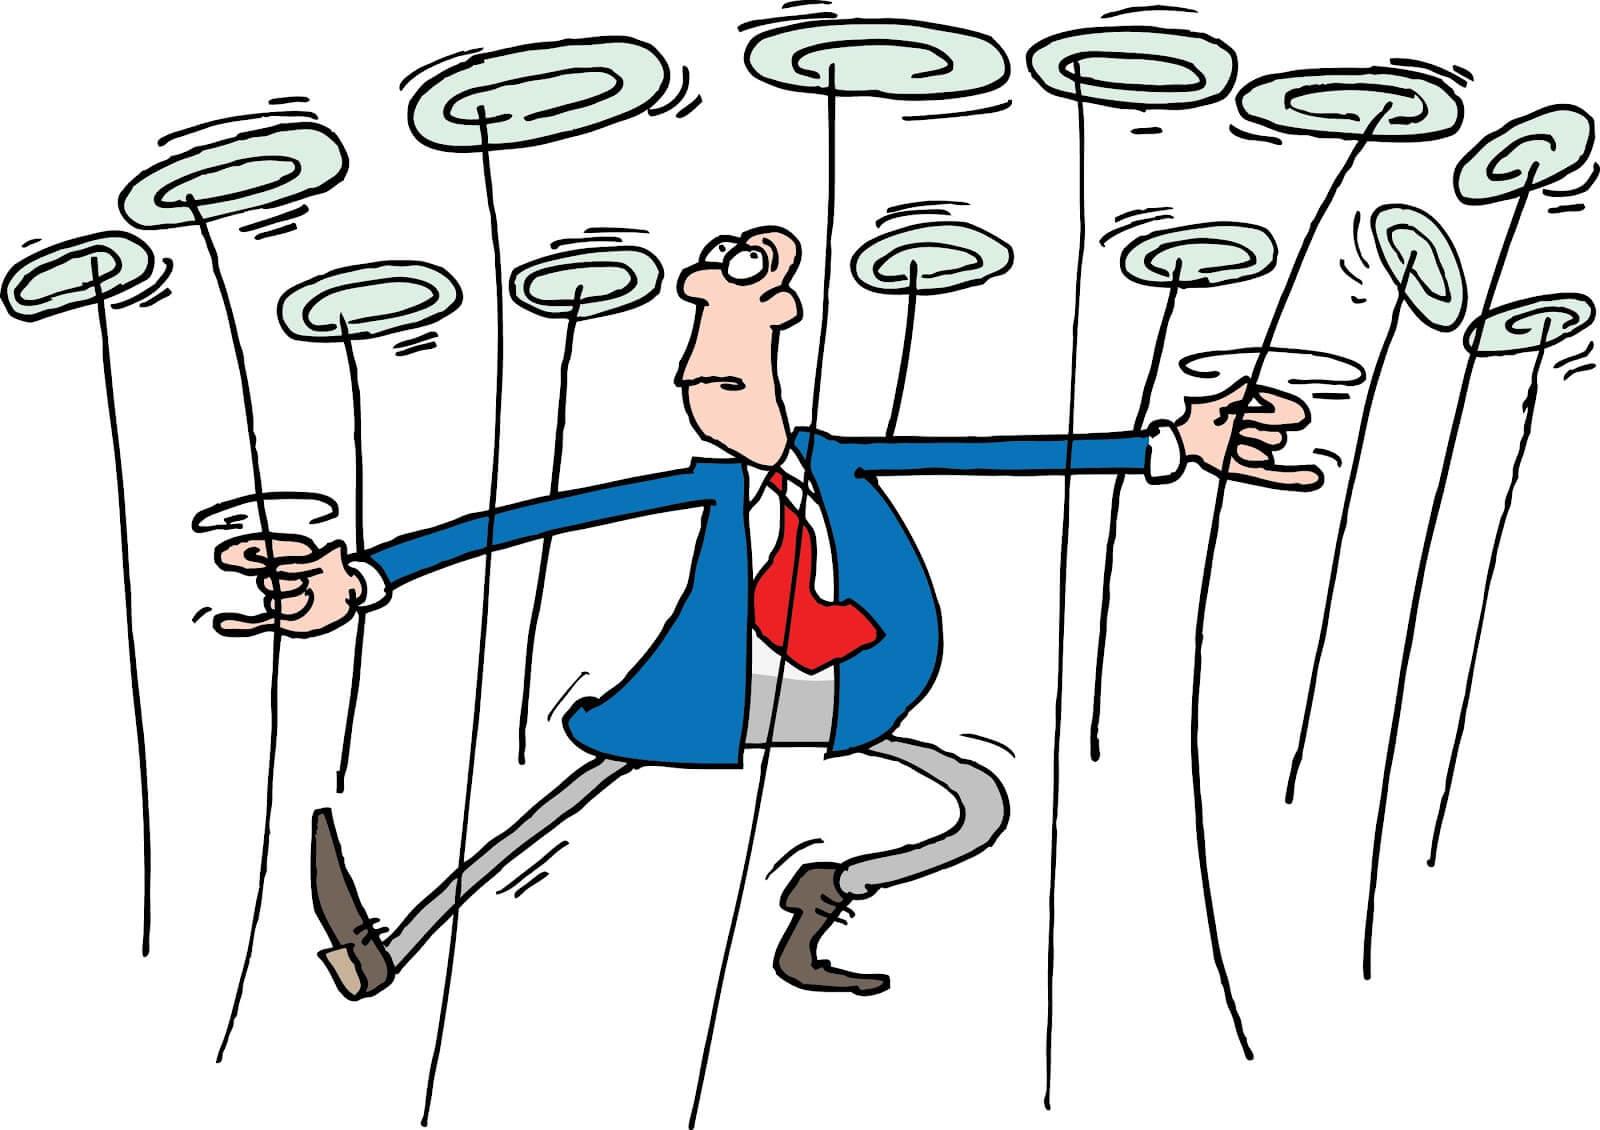 cartoon man spinning plates managing multiple eStores